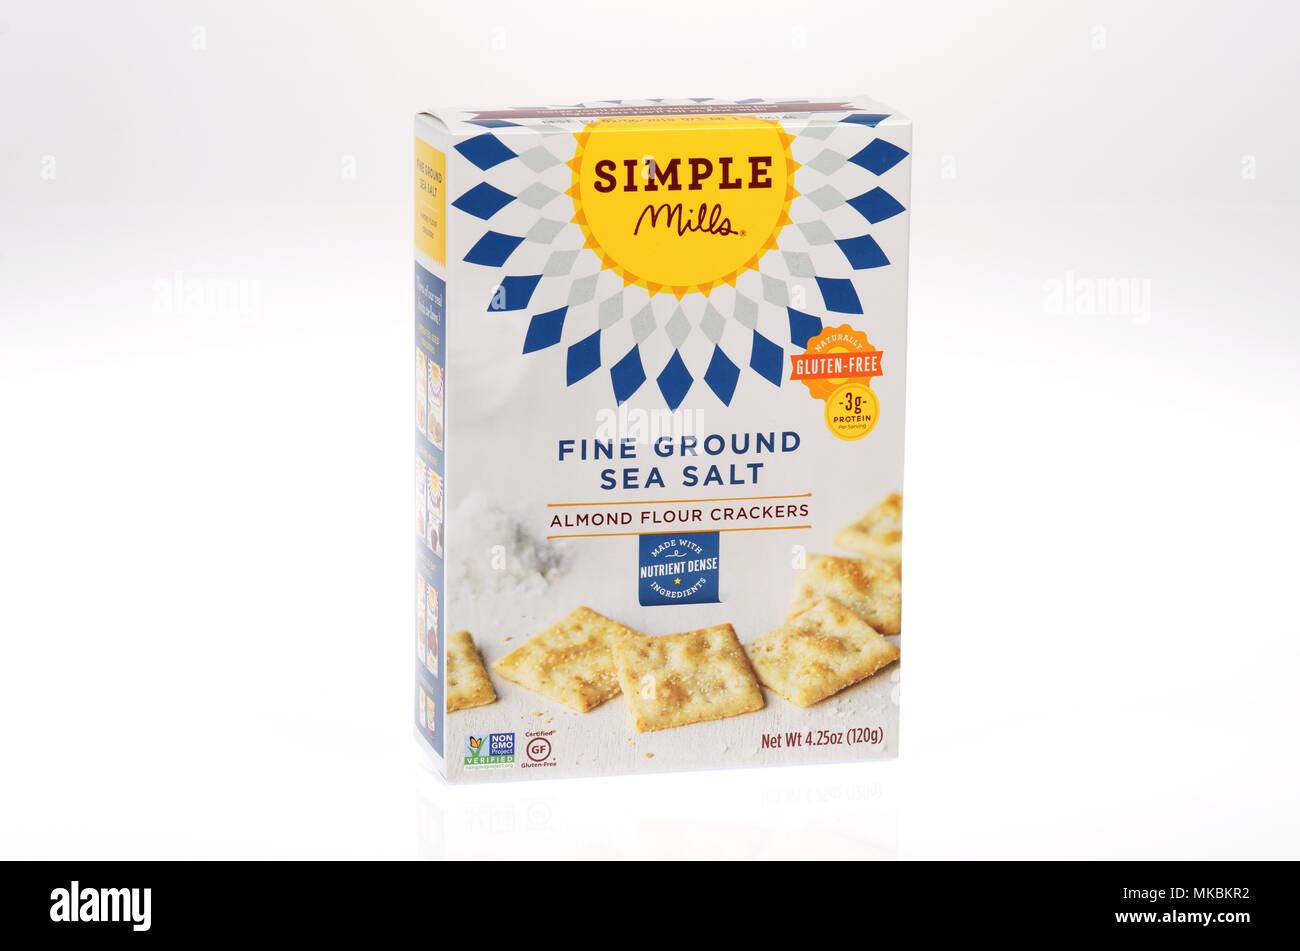 is almond flour gluten free